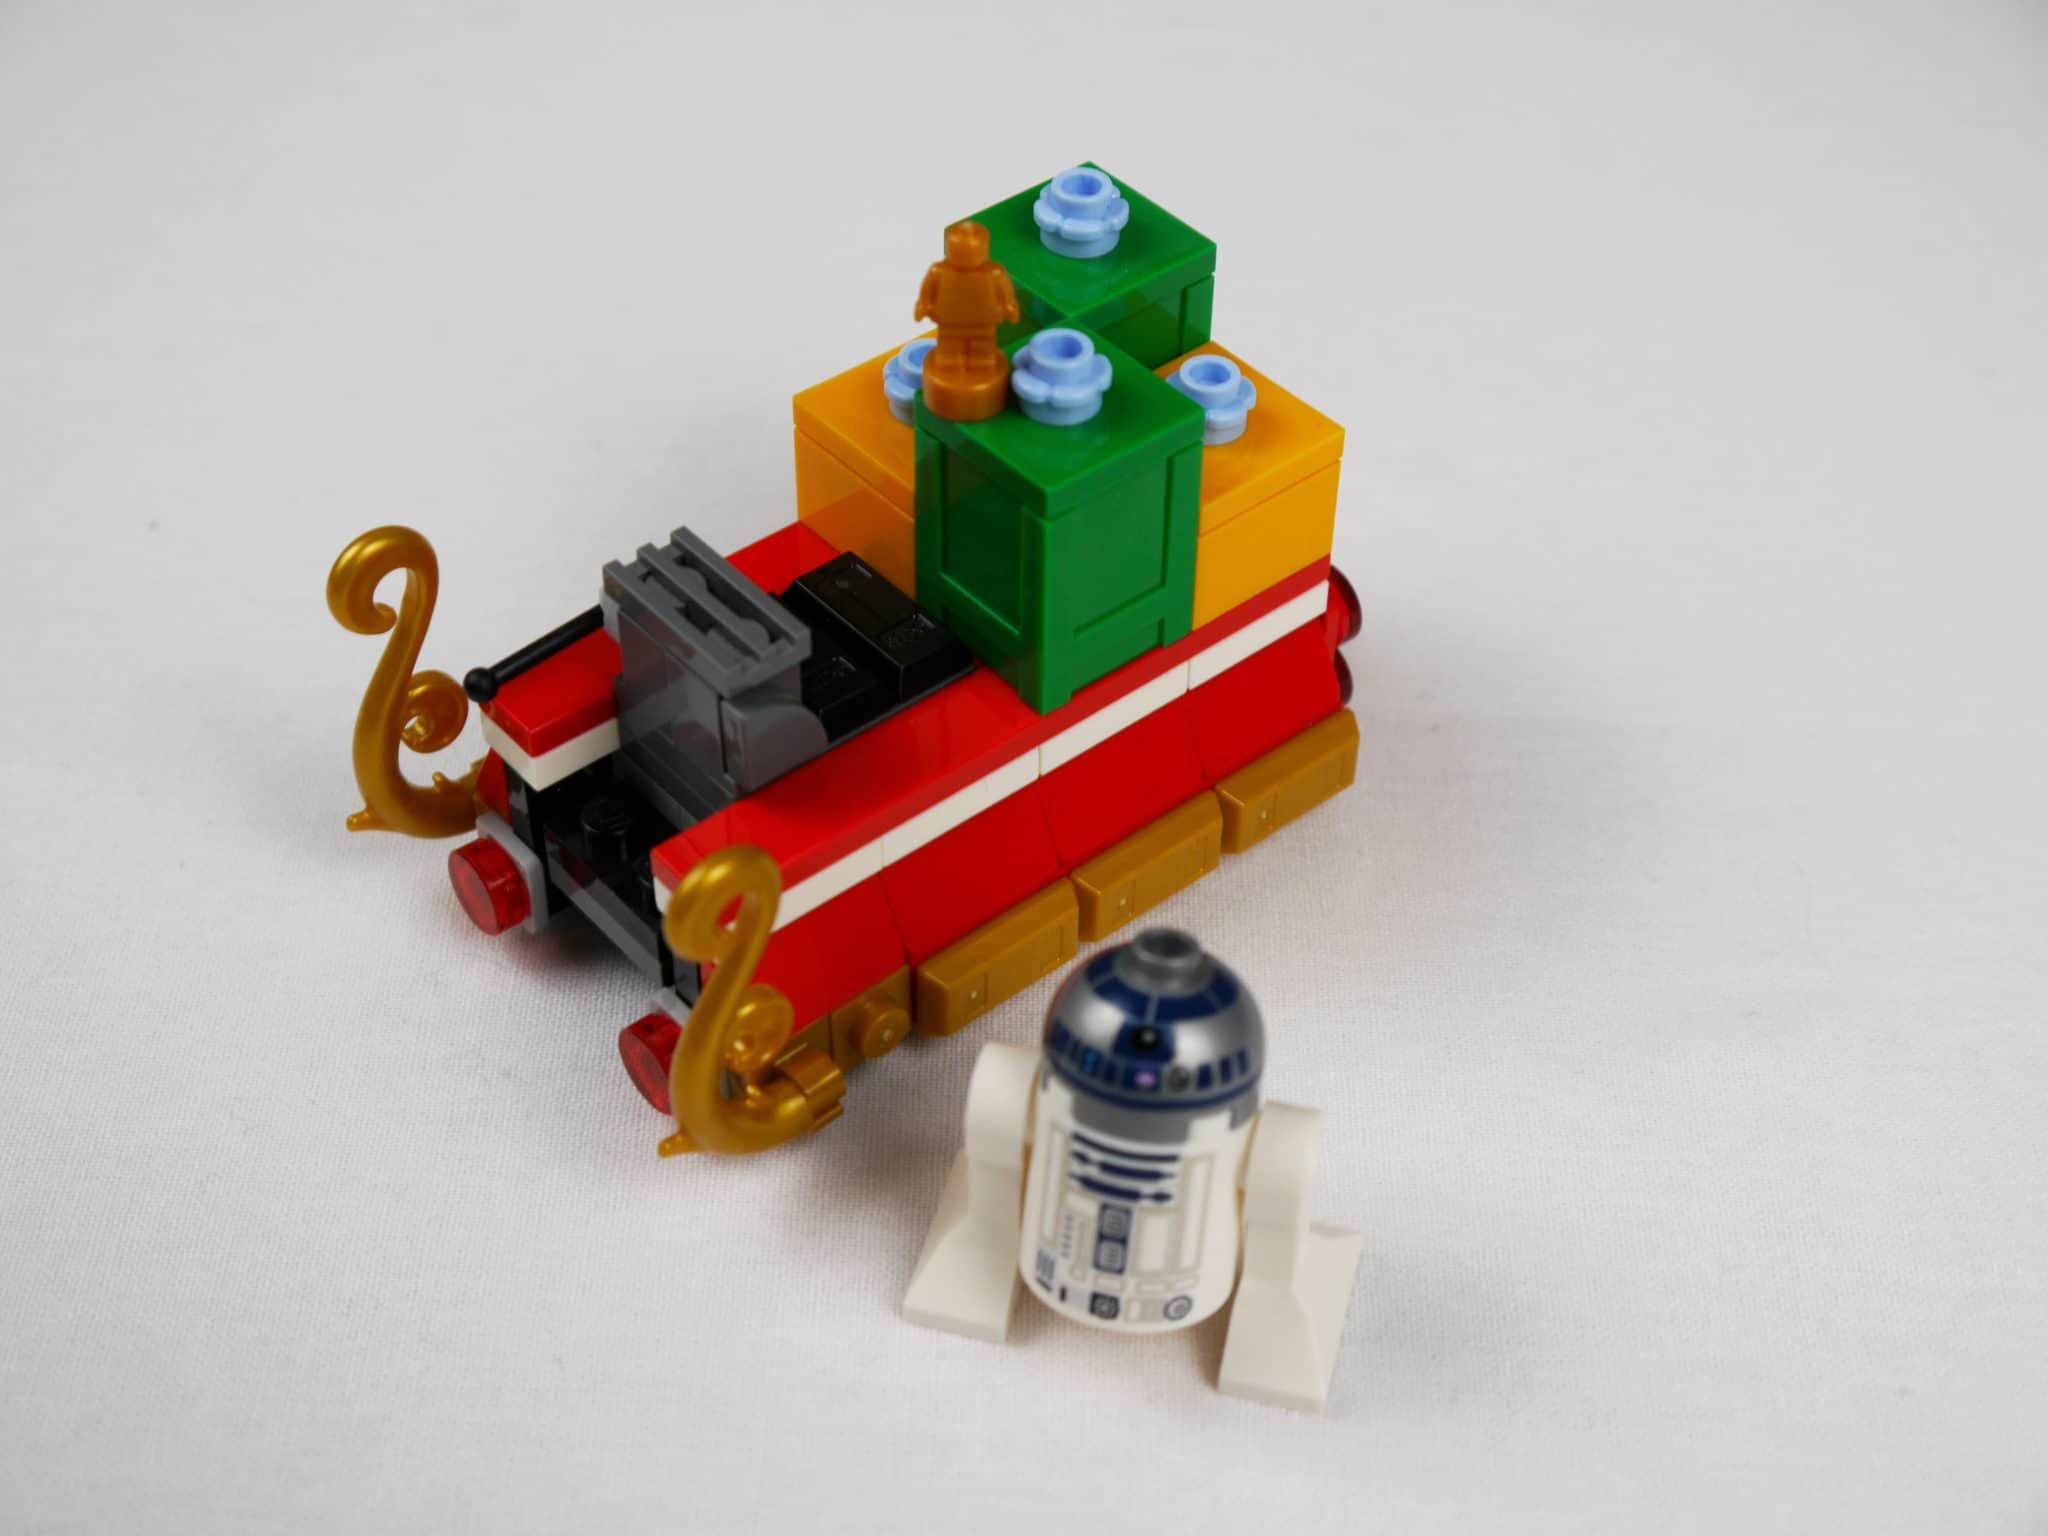 LEGO 4002019 Speeder mit Microfigur